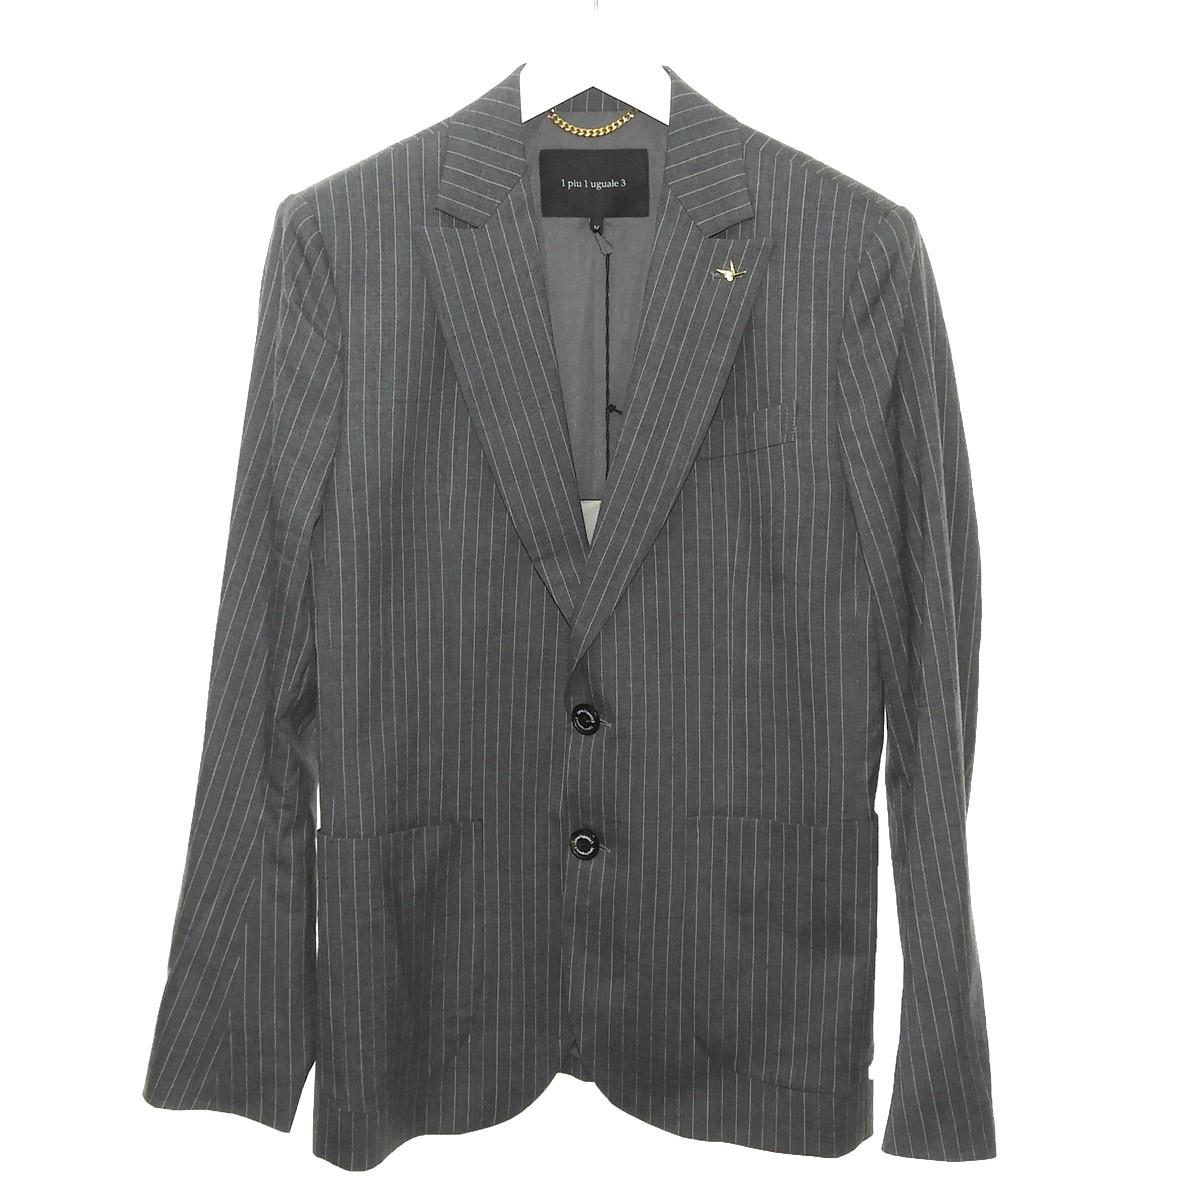 【中古】1piu1uguale3 ストライプウールテーラードジャケット グレー サイズ:4 【130720】(ウノピュウノウグァーレトレ)